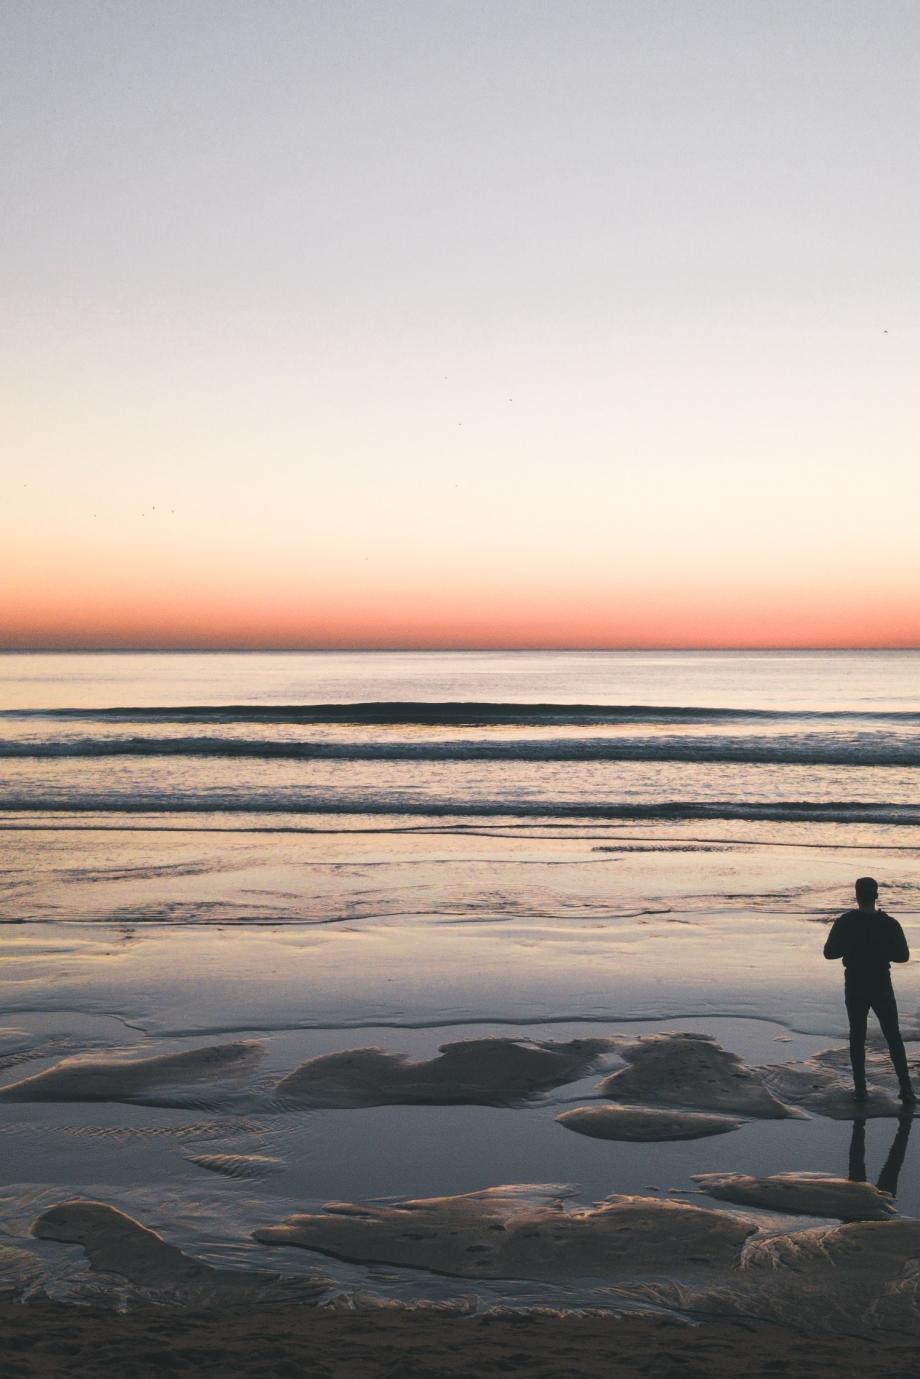 LisboaCool_Blog_Top 10 Best Beaches near Lisbon